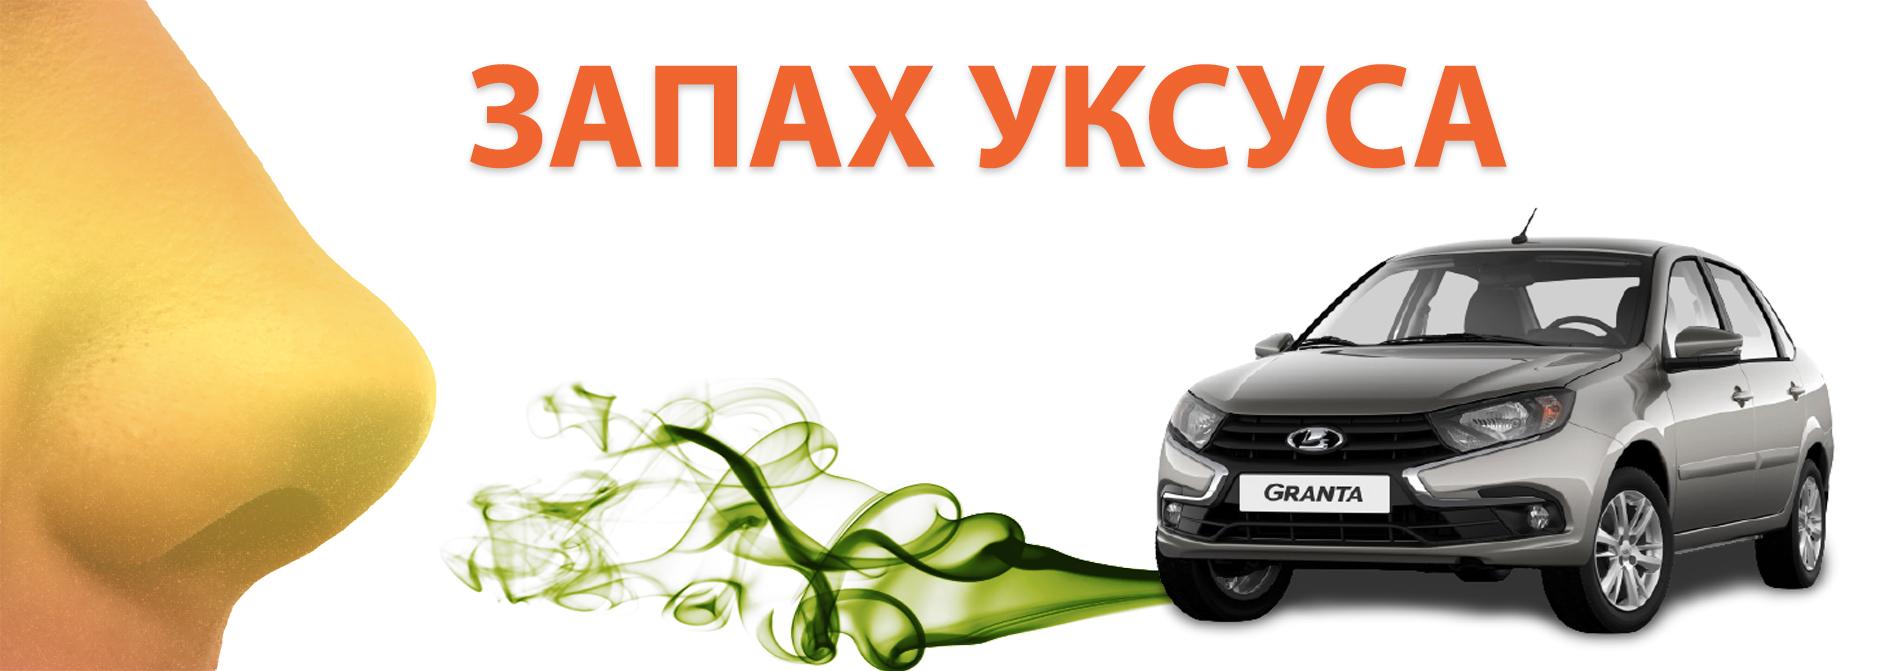 Руководство по всем важным запахам в автомобиле: от А до Я